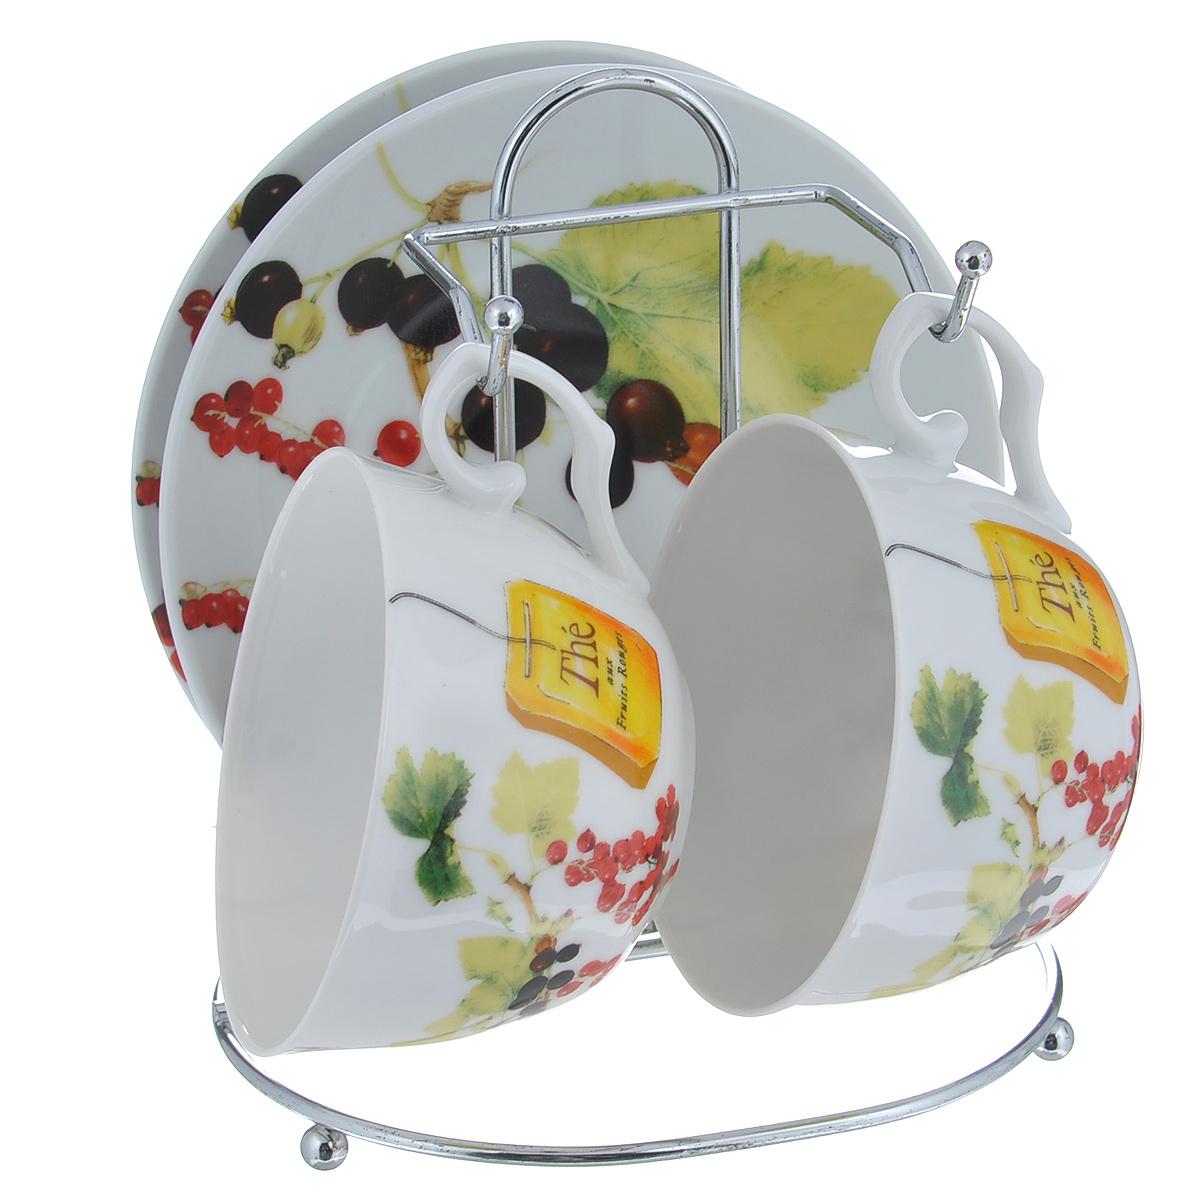 Набор чайный Larange Смородина, 5 предметов586-263Чайный набор Смородина состоит из двух чашек и двух блюдец. Предметы набора изготовлены из высококачественного фарфора и оформлены изображением ягод красной и черной смородины. Чашки и блюдца располагаются на удобной металлической подставке. Элегантный дизайн чайного набора придется по вкусу и ценителям классики, и тем, кто предпочитает утонченность и изысканность. Он настроит на позитивный лад и подарит хорошее настроение с самого утра.Не использовать в микроволновой печи. Не применять абразивные чистящие вещества. Объем чашки: 250 мл.Диаметр чашки по верхнему краю: 9,5 см.Высота чашки: 6 см.Диаметр блюдца: 14,5 см.Размер подставки: 14 см х 12 см х 16 см.